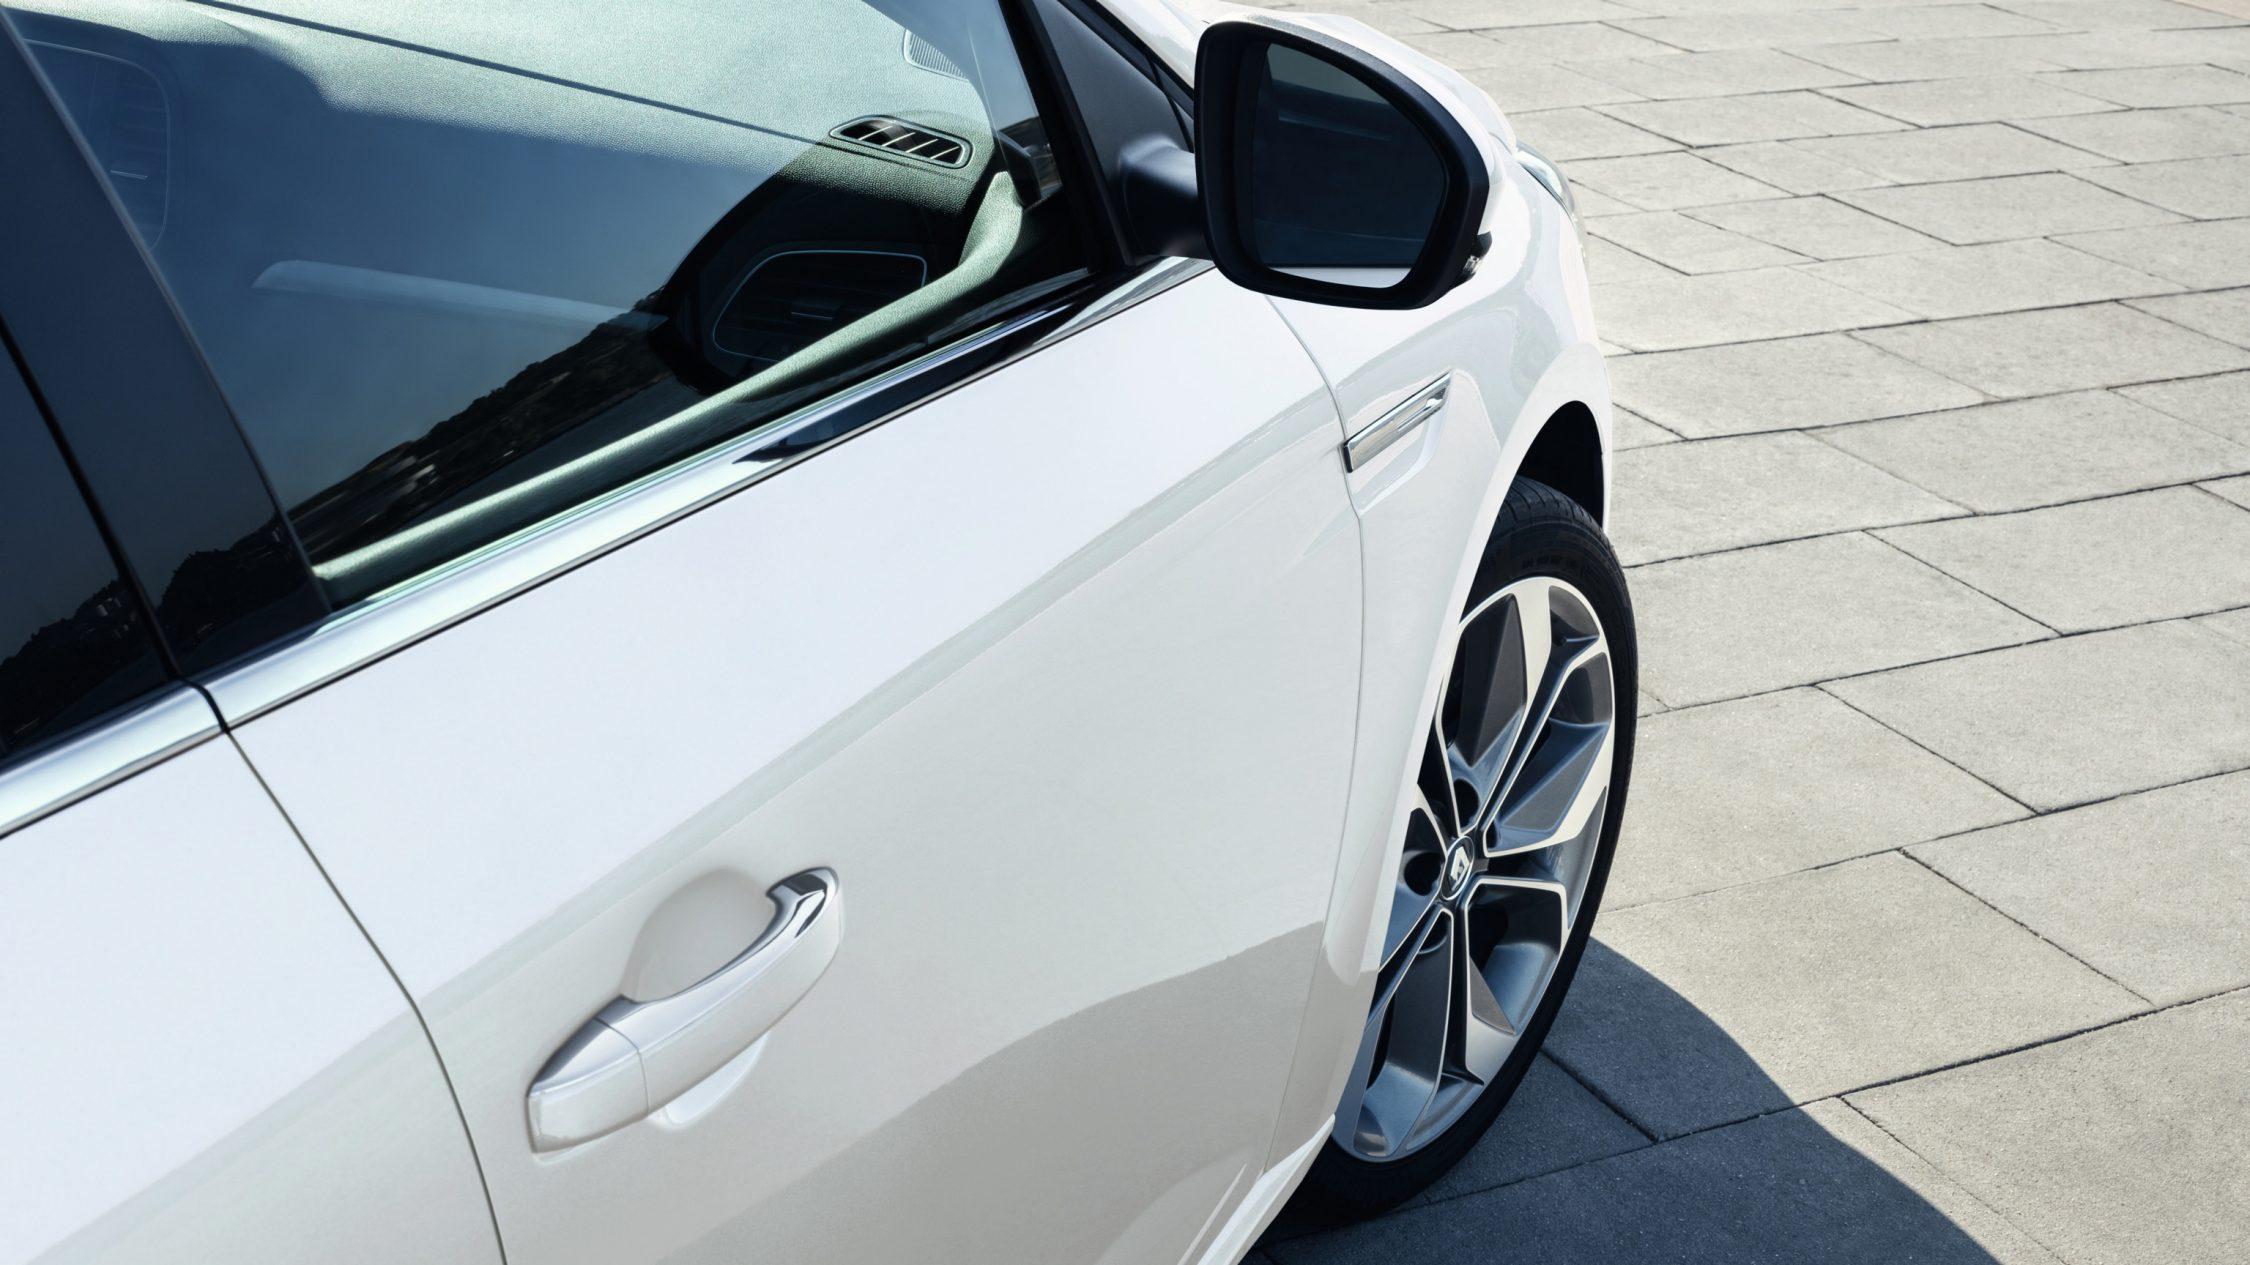 renault-megane-sedan-lff-ph1-design-007.jpg.ximg.l_full_h.smart.jpg